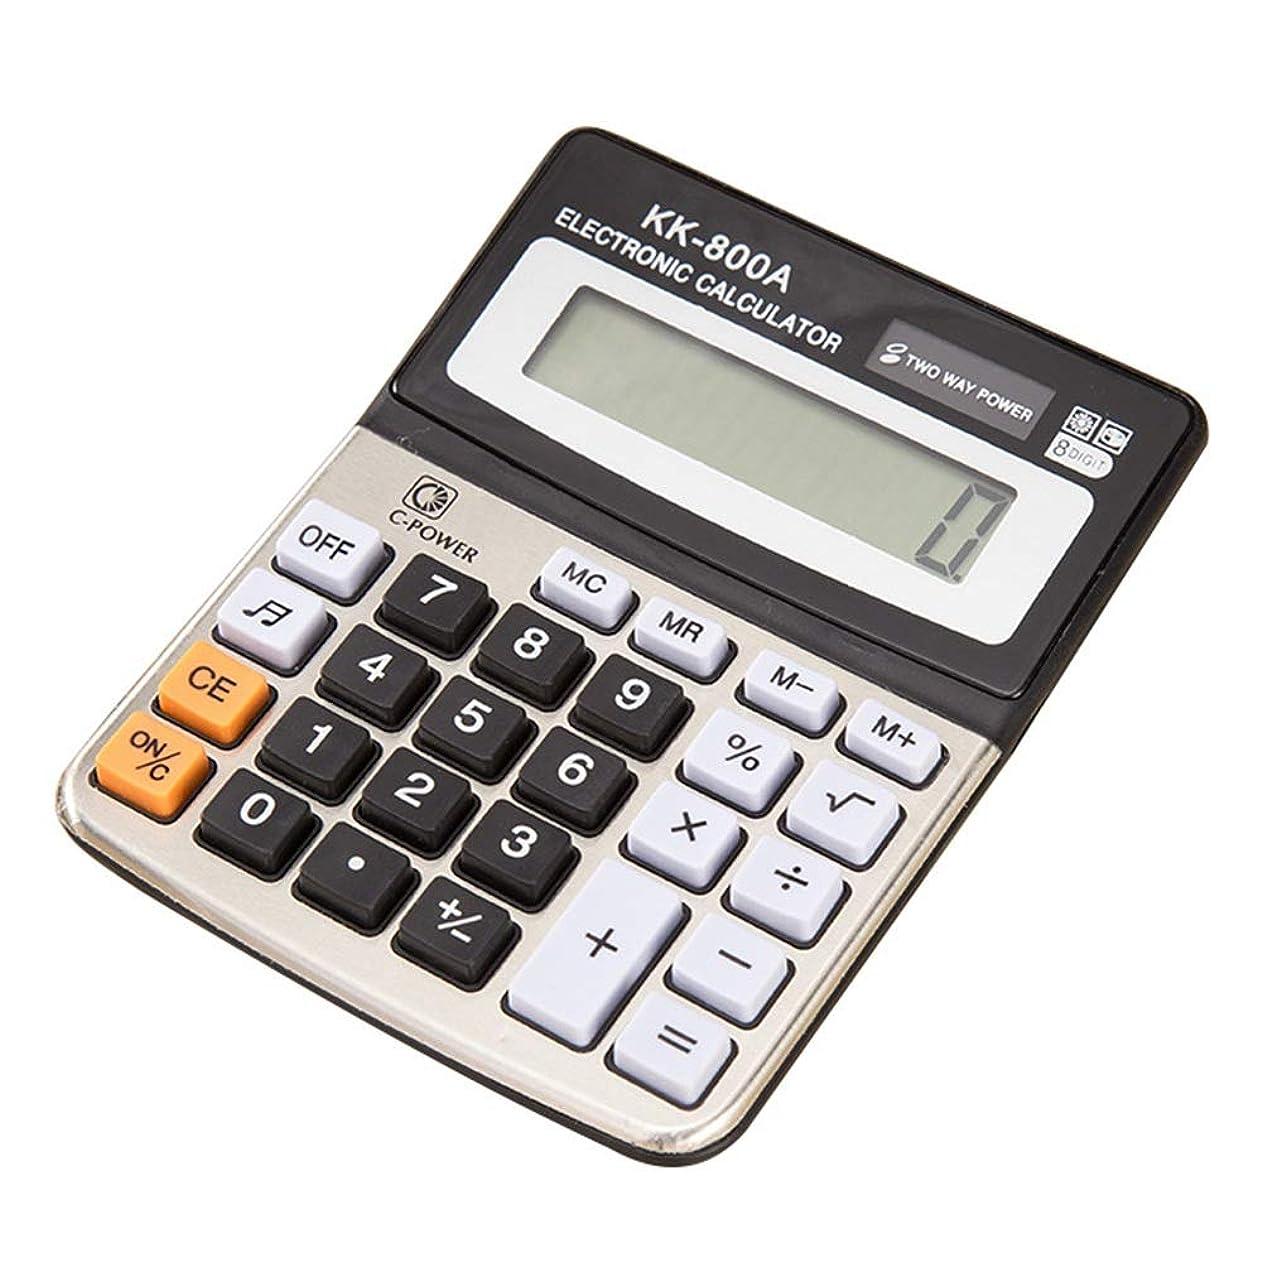 サスペンドインフラ篭電卓 計算の事務室の学校の計算のためのデスクトップの電子計算機の事務用品コンピュータ ポータブル標準電卓 (色 : Photo Color, サイズ : ワンサイズ)